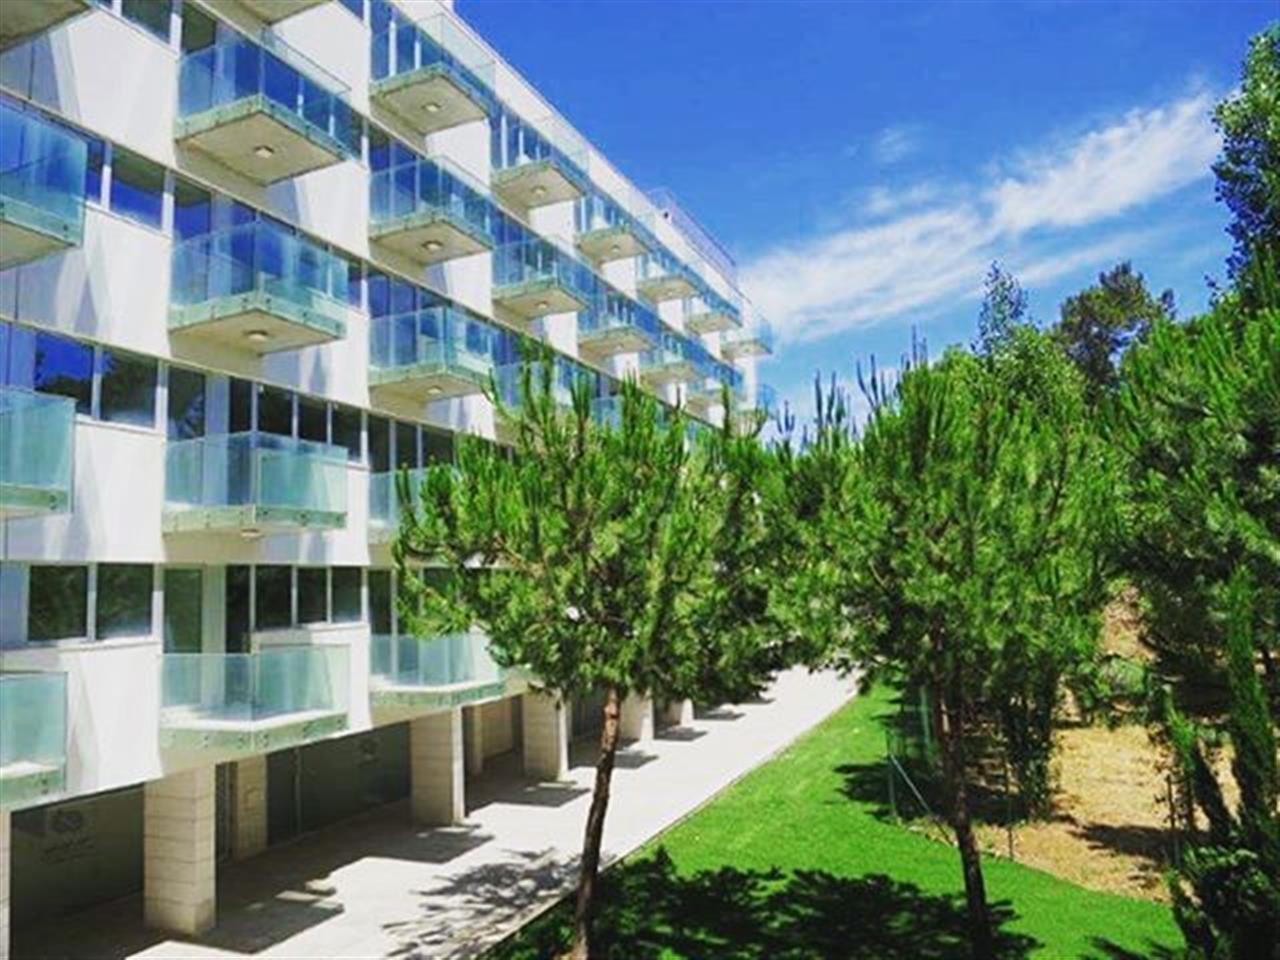 4 quartos para toda a famÝlia num fantßstico empreendimento em Oeiras. Mais infos em: www.insluxuryestates.pt |Ref: VOI1135 #insrealestateportugal #lisbon #oeiras #portugal #home #leadingrelocal